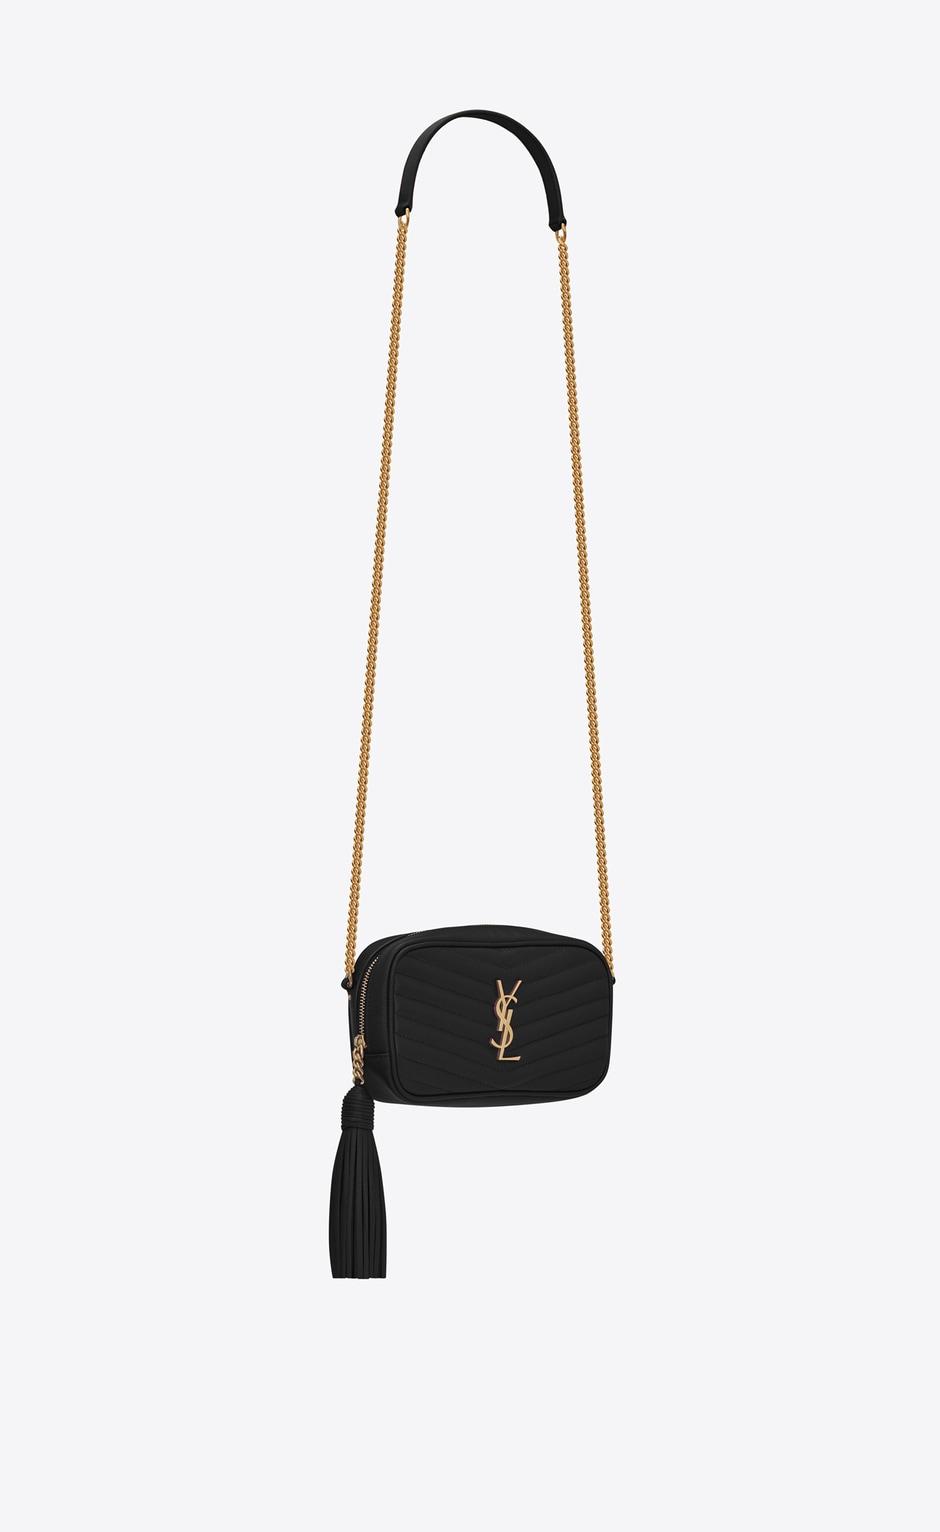 유럽직배송 입생로랑 SAINT LAURENT LOU Mini bag in matelassé grain de poudre embossed leather  6125791GF011000